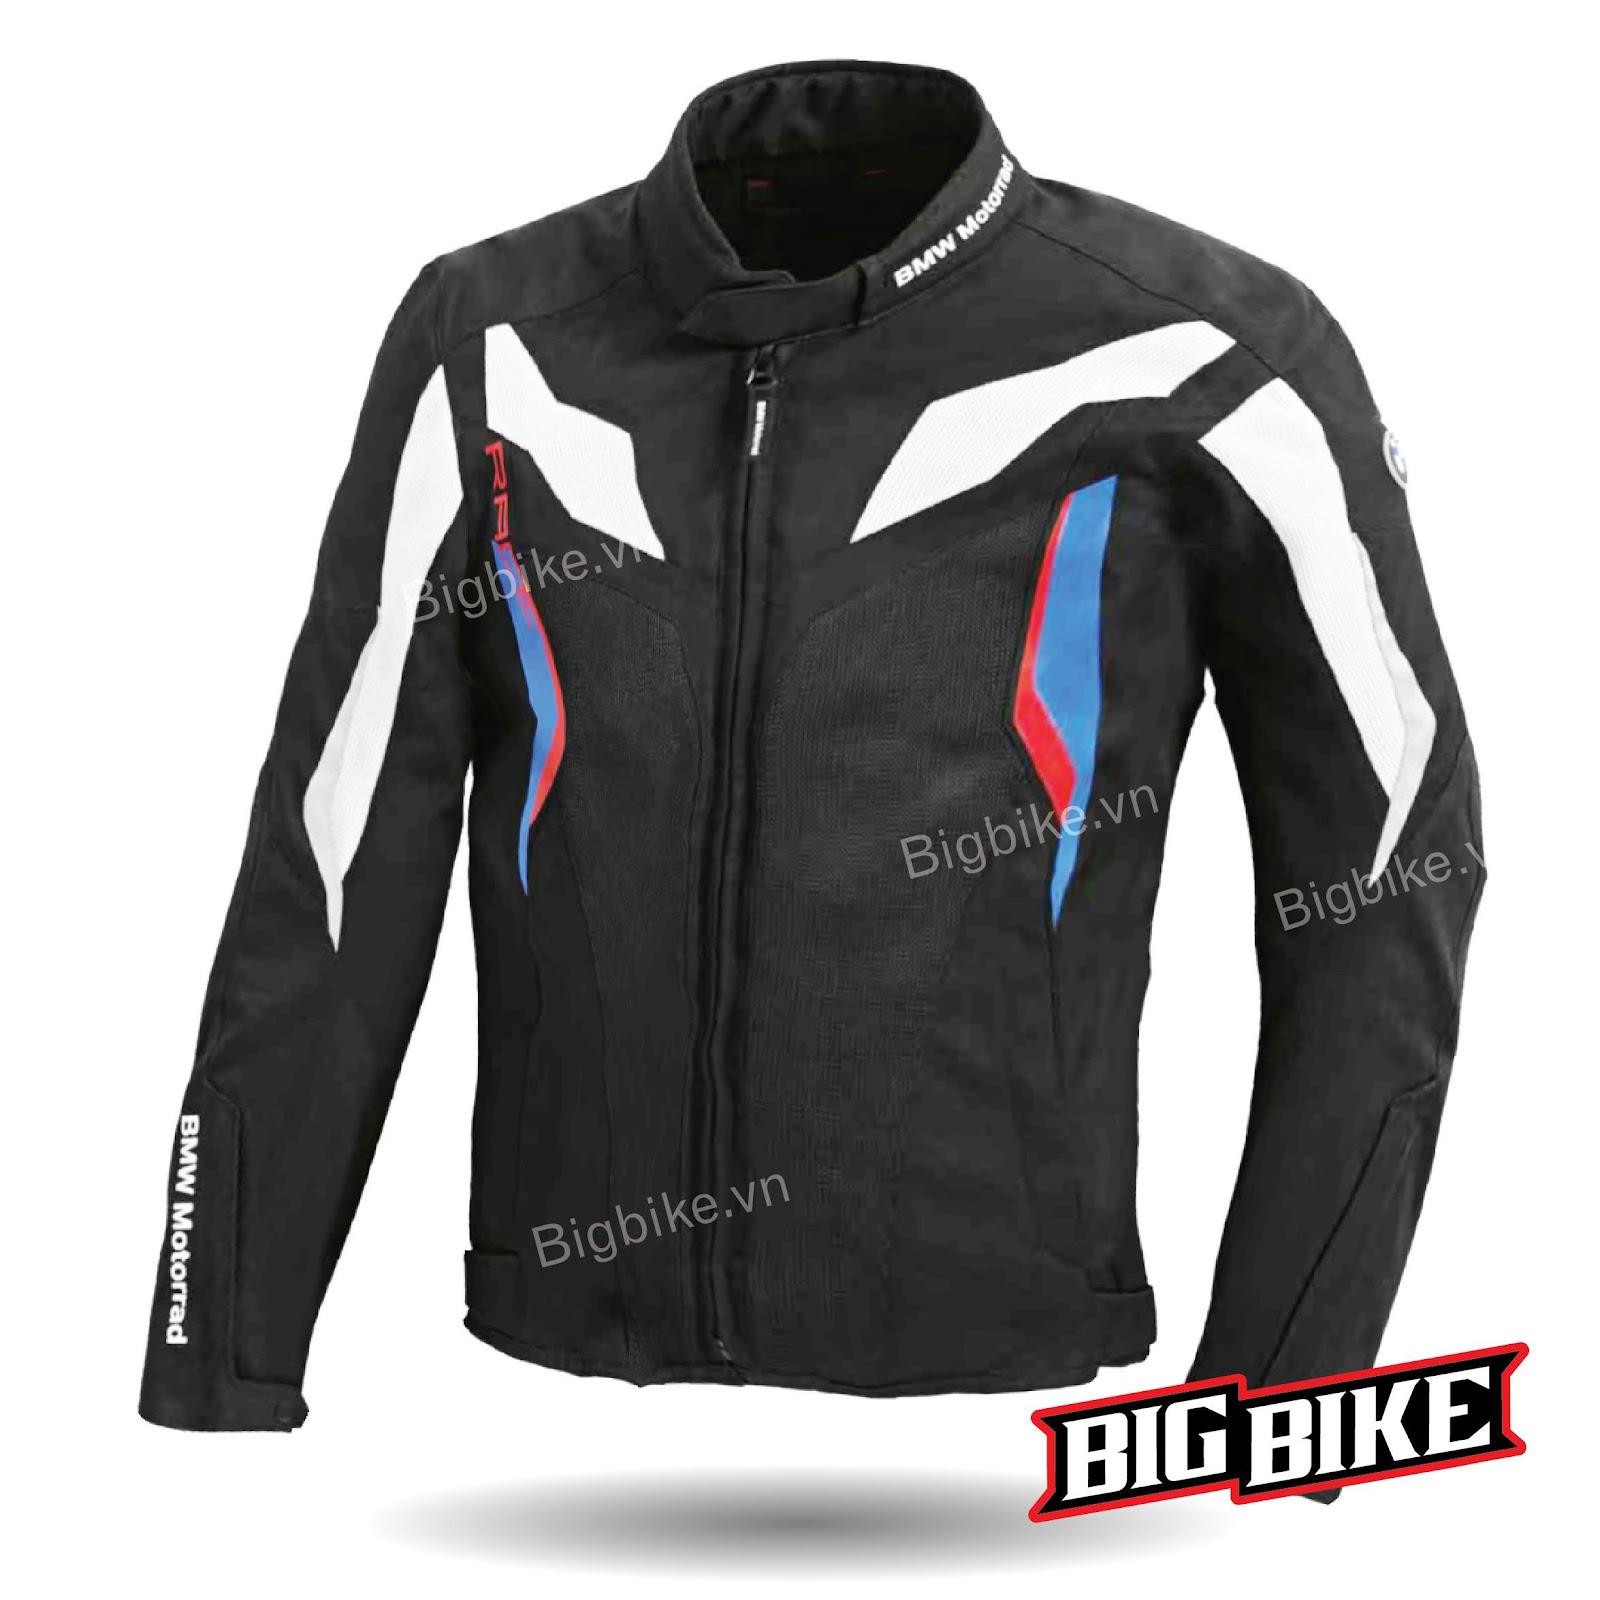 Lựa chọn quần áo bảo hộ moto túi khí để sử dụng hiệu quả